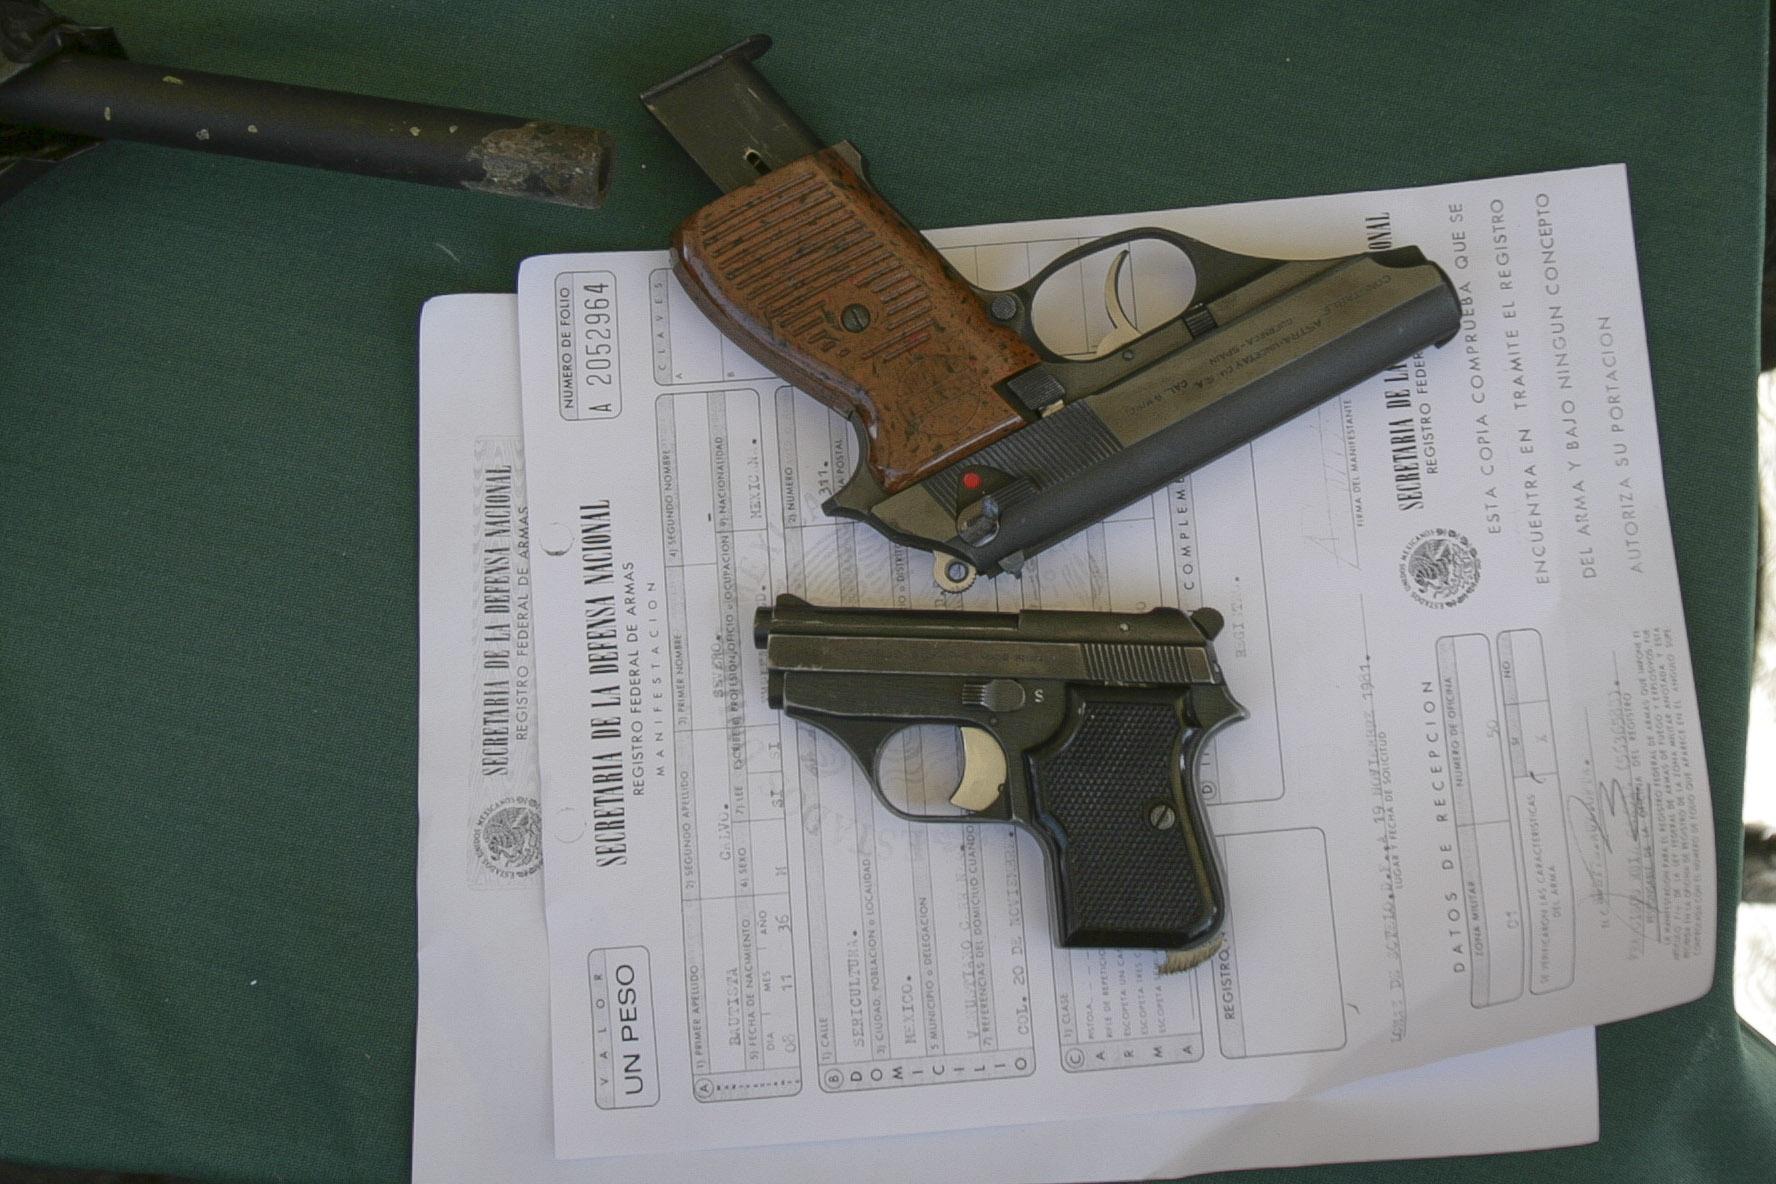 Expertos alertaron que sería un error permitir el uso de armas en vehículos y negocios. Foto: Juan Pablo Zamora, Cuartoscuro